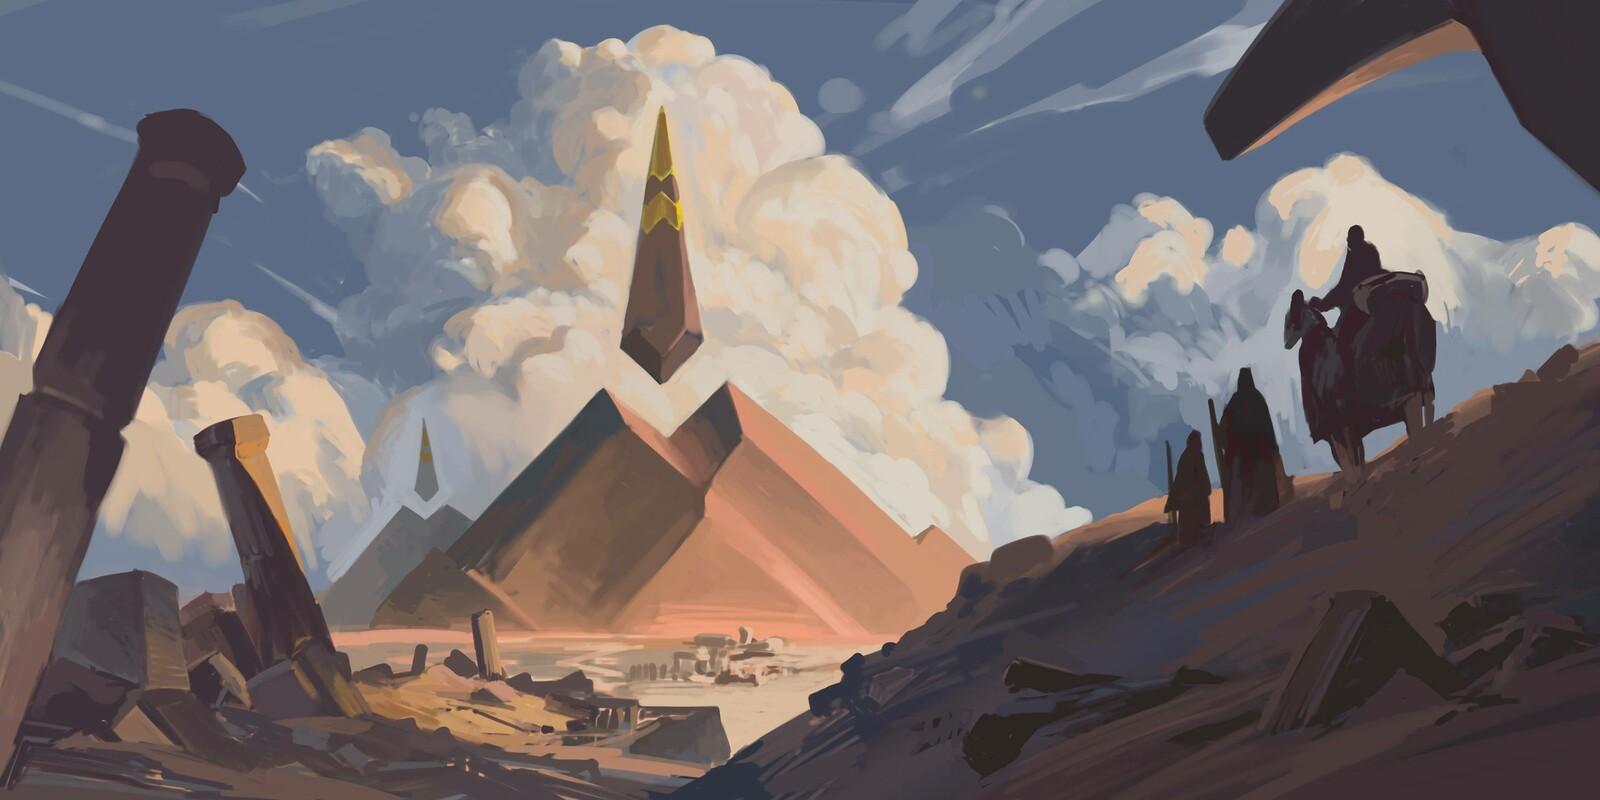 Round brush pyramid